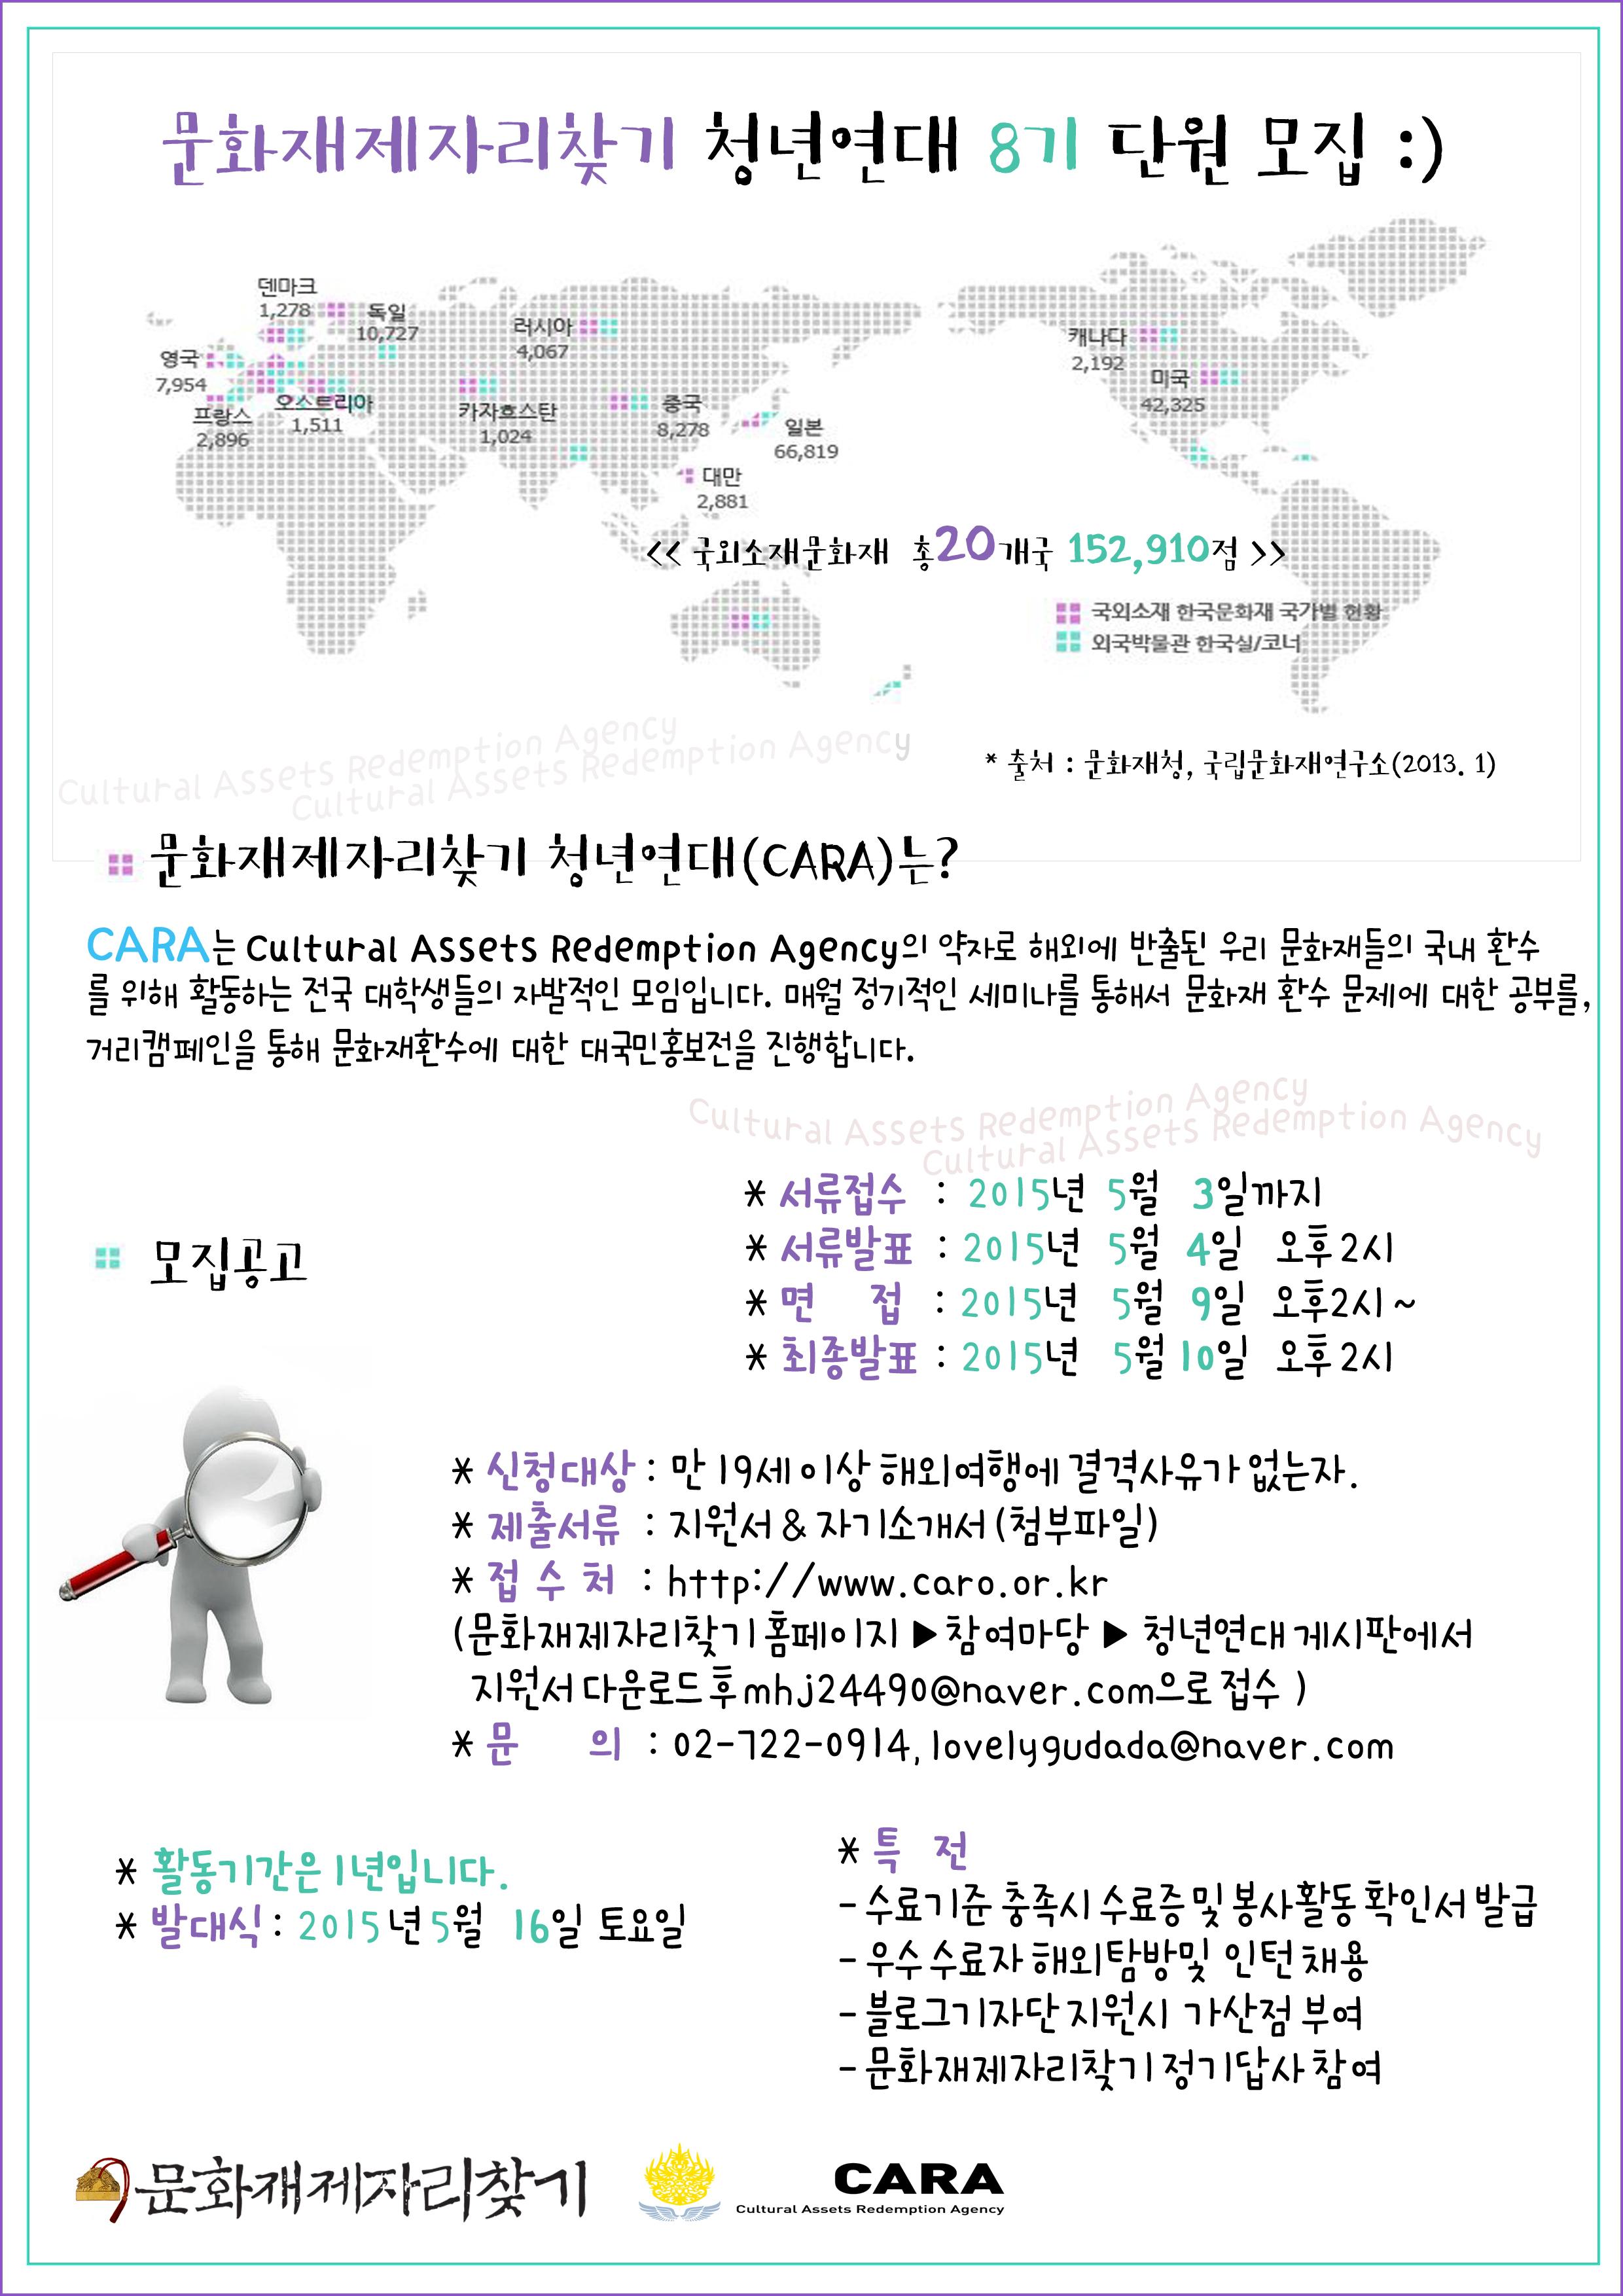 문화재제자리찾기 청년연대 8기 모집 포스터 복사.jpg